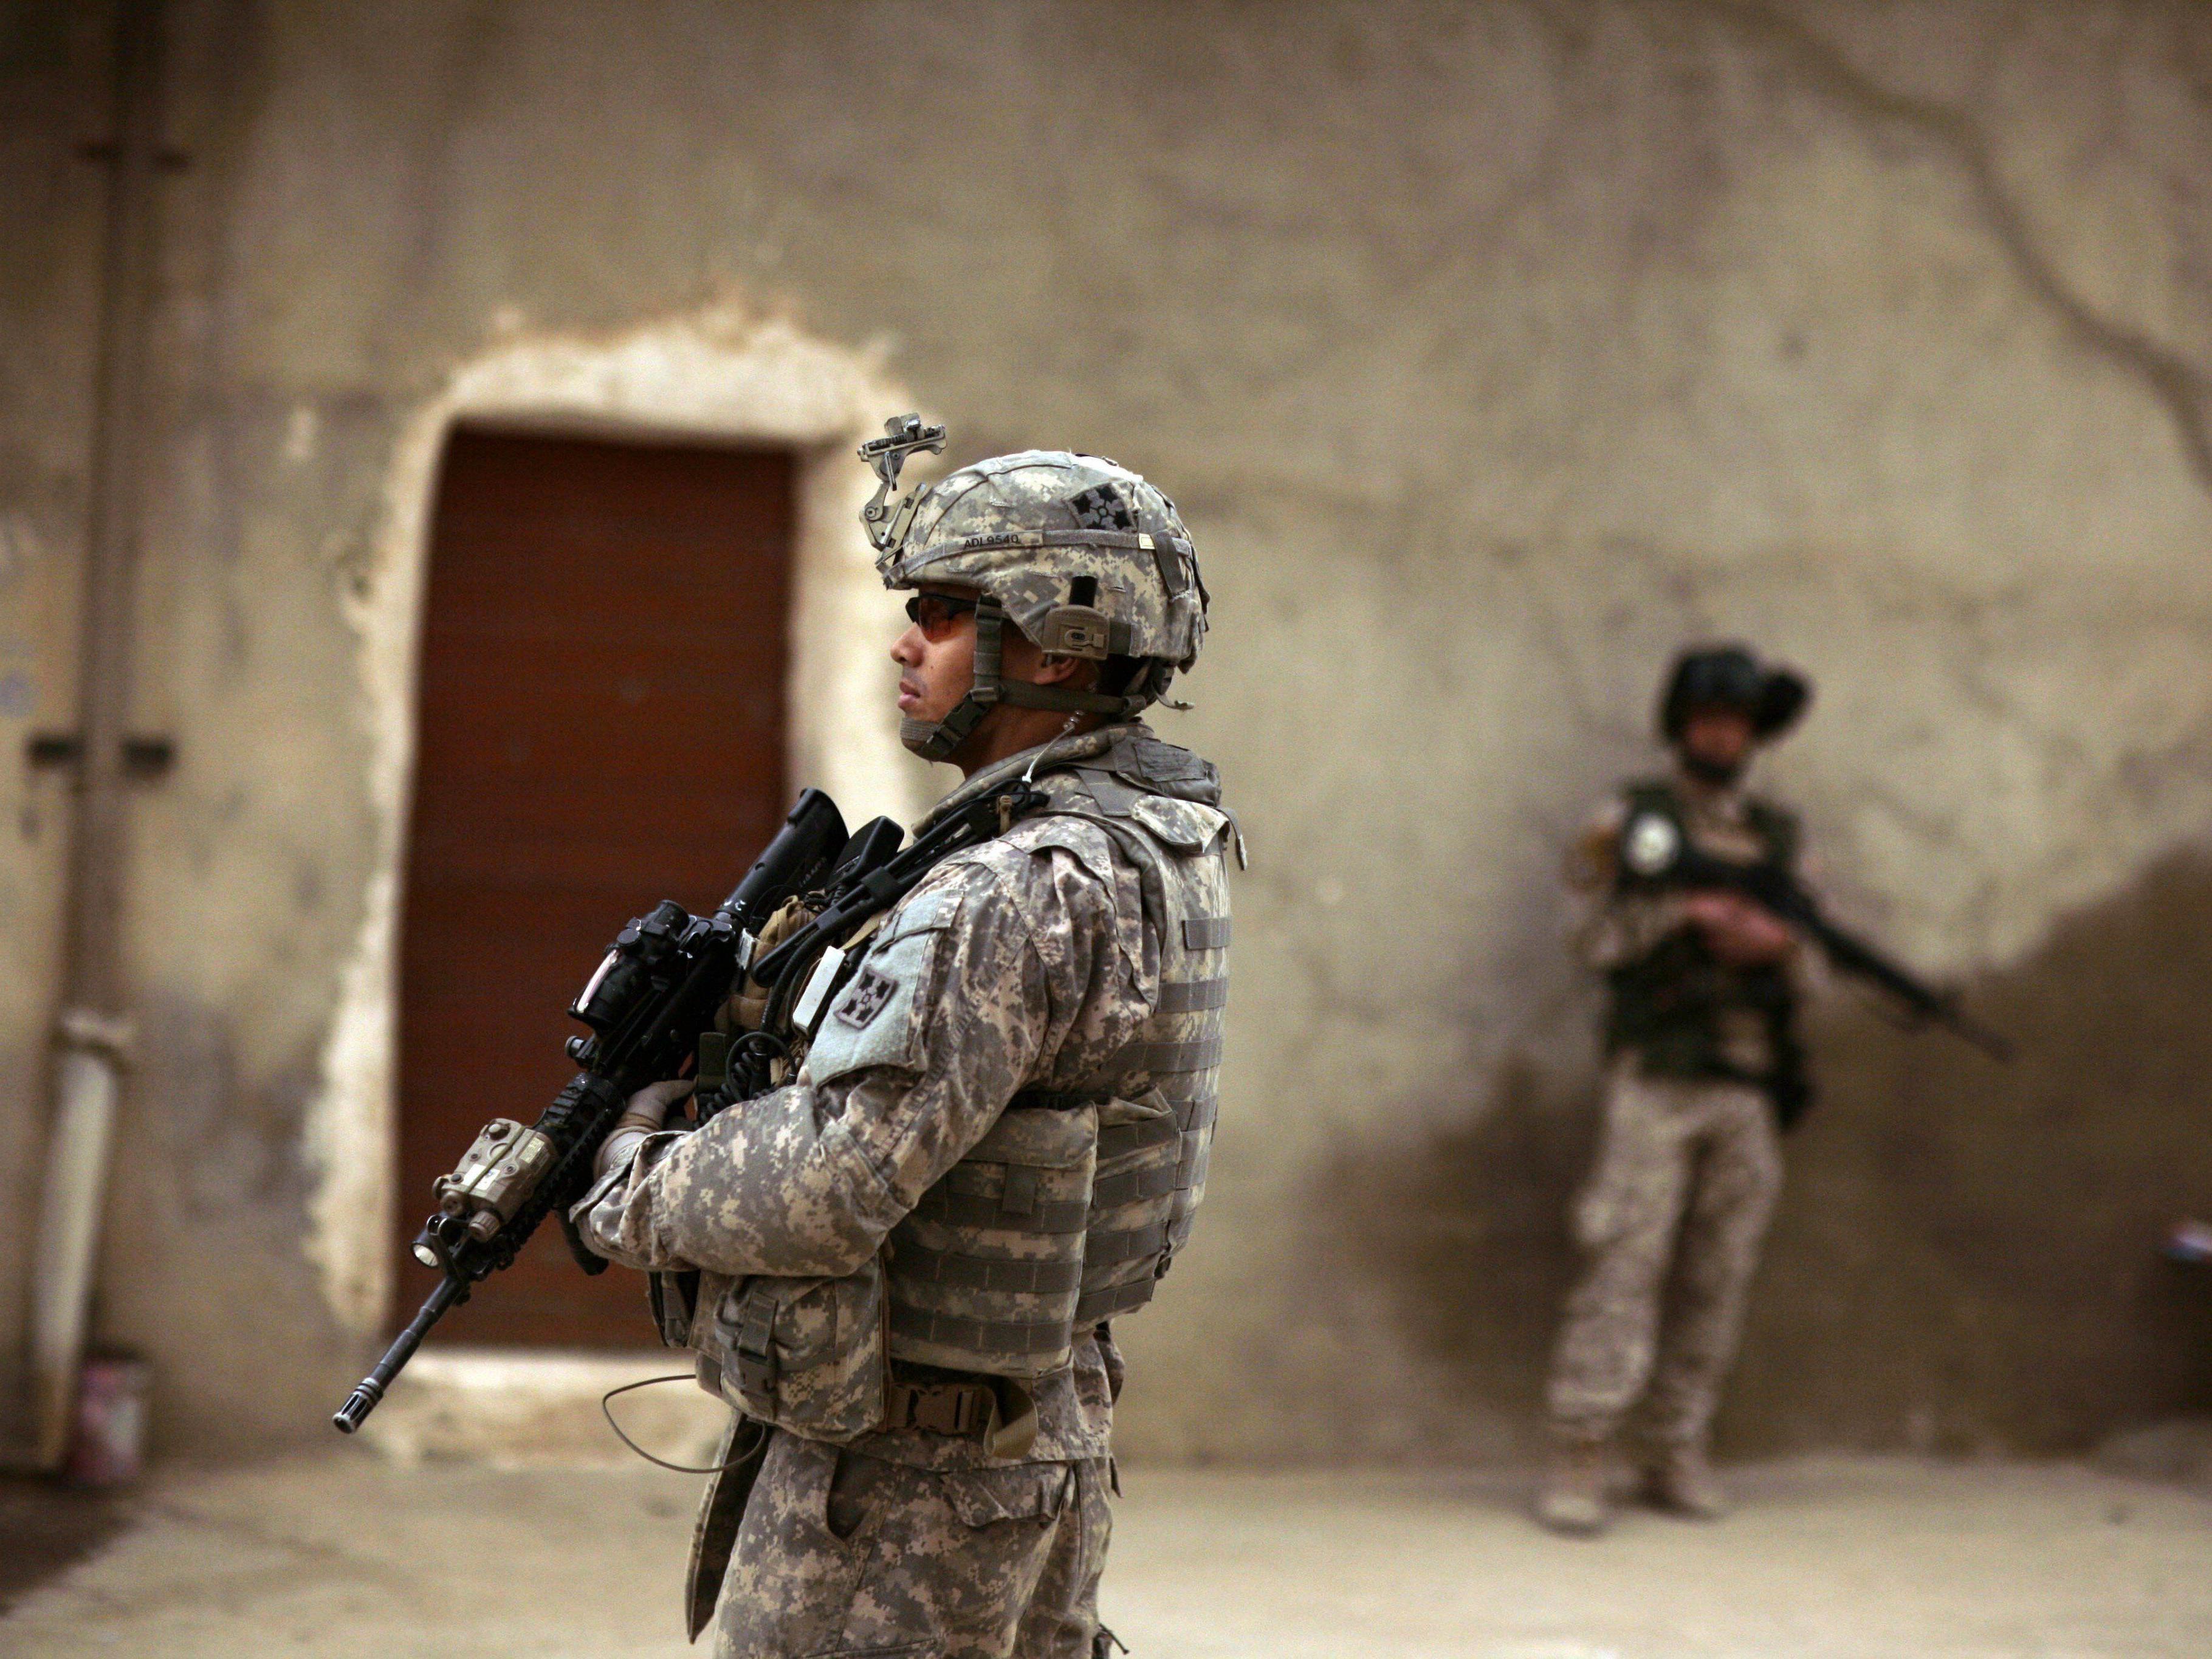 IS warnt USA vor Irak-Einsatz. Im Bild: Ein US-Soldat und ein irakischer Soldat im Einsatz (Archiv 2009).